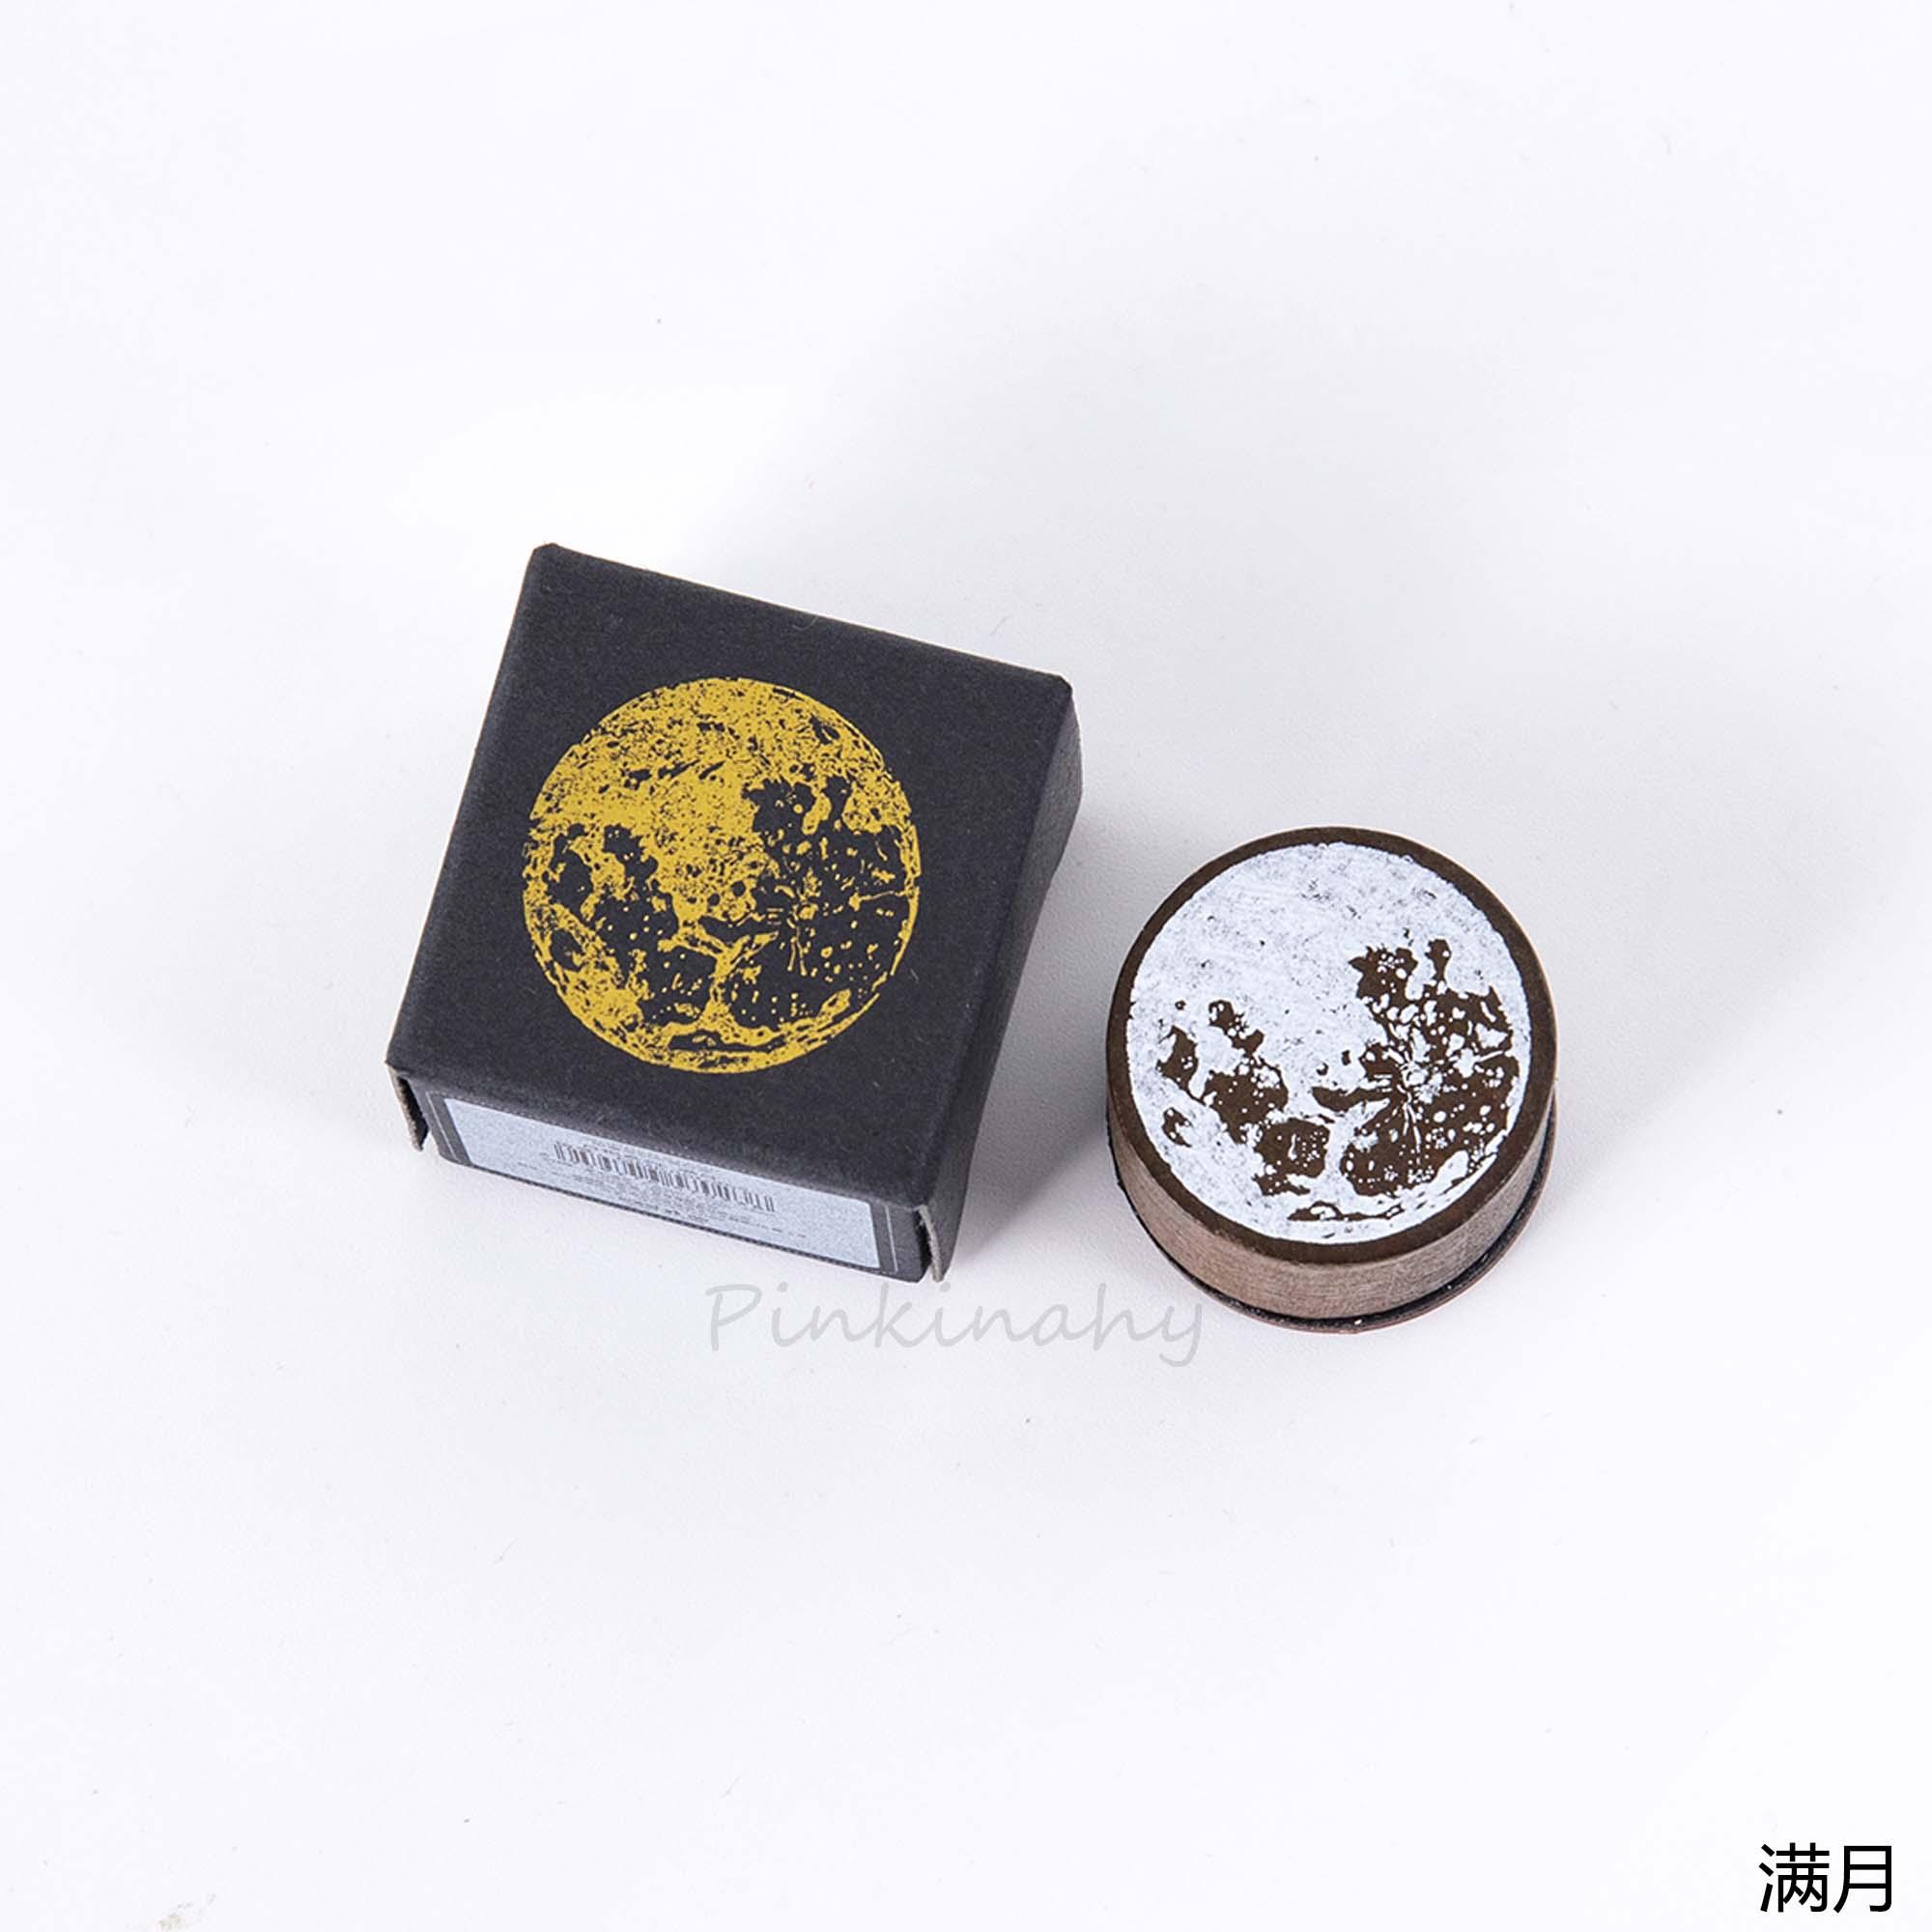 Винтажные фазы Луны планеты круглое уплотнение DIY Деревянные и резиновые штампы для скрапбукинга канцелярские товары Скрапбукинг Стандартный штамп - Цвет: 4